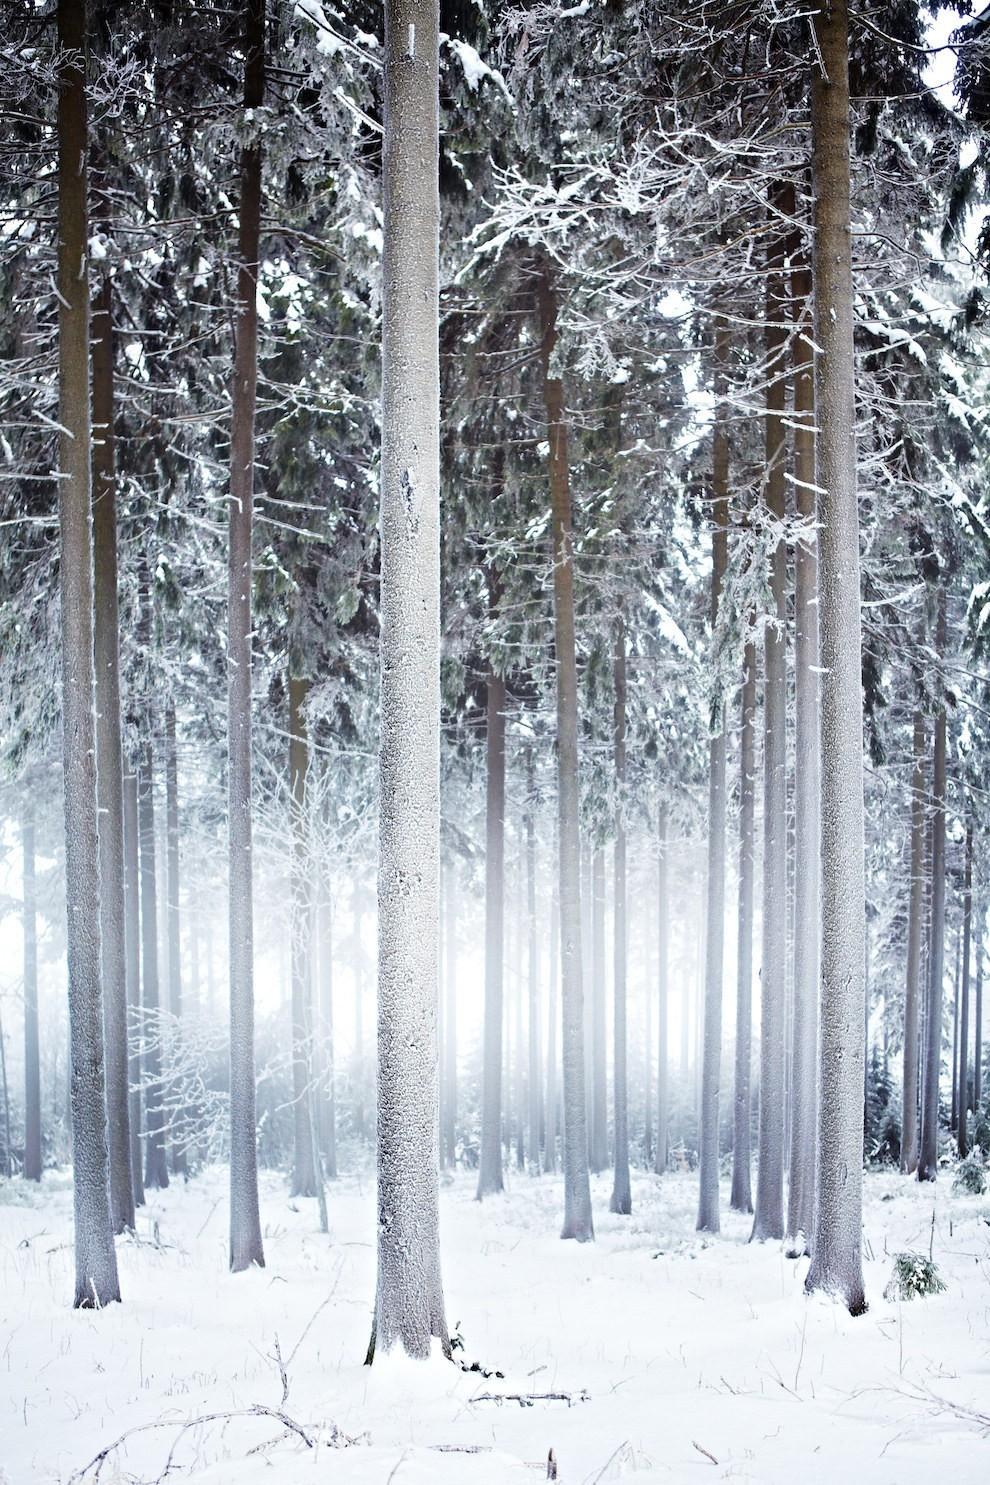 Thuringia ở Đức đẹp nhất vào mùa đông khi bao trùm lên tất cả là màu tuyết trắng tinh khôi, cây cối vương trên mình những bông tuyết chưa kịp tan.